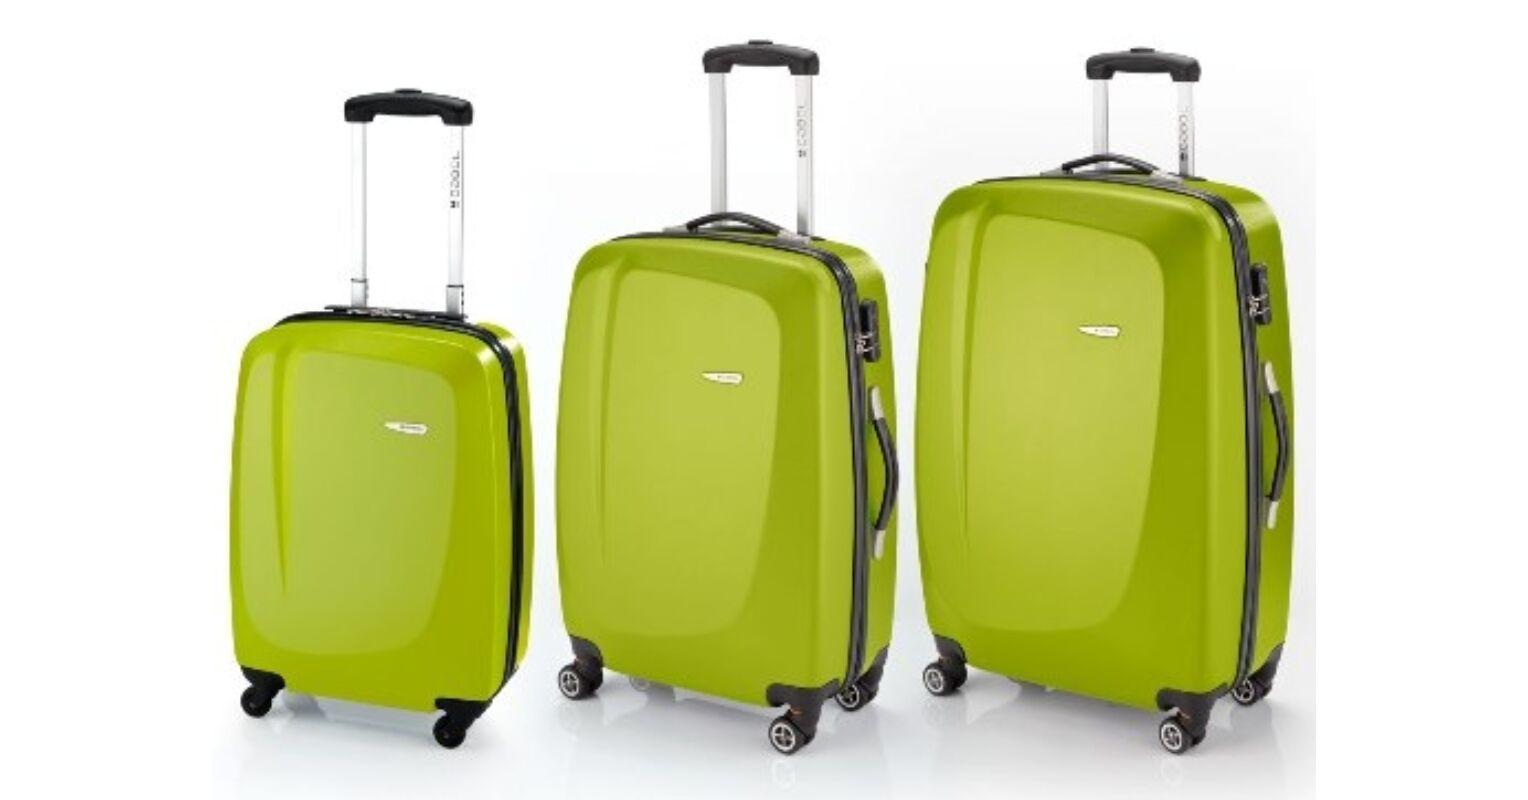 6f08ae9484e8 Gabol Line 4-Kerekes Trolley Bőrönd 68 Cm - KÖZEPES MÉRETŰ BŐRÖNDÖK - Táska  webáruház - Minőségi táskák mindenkinek